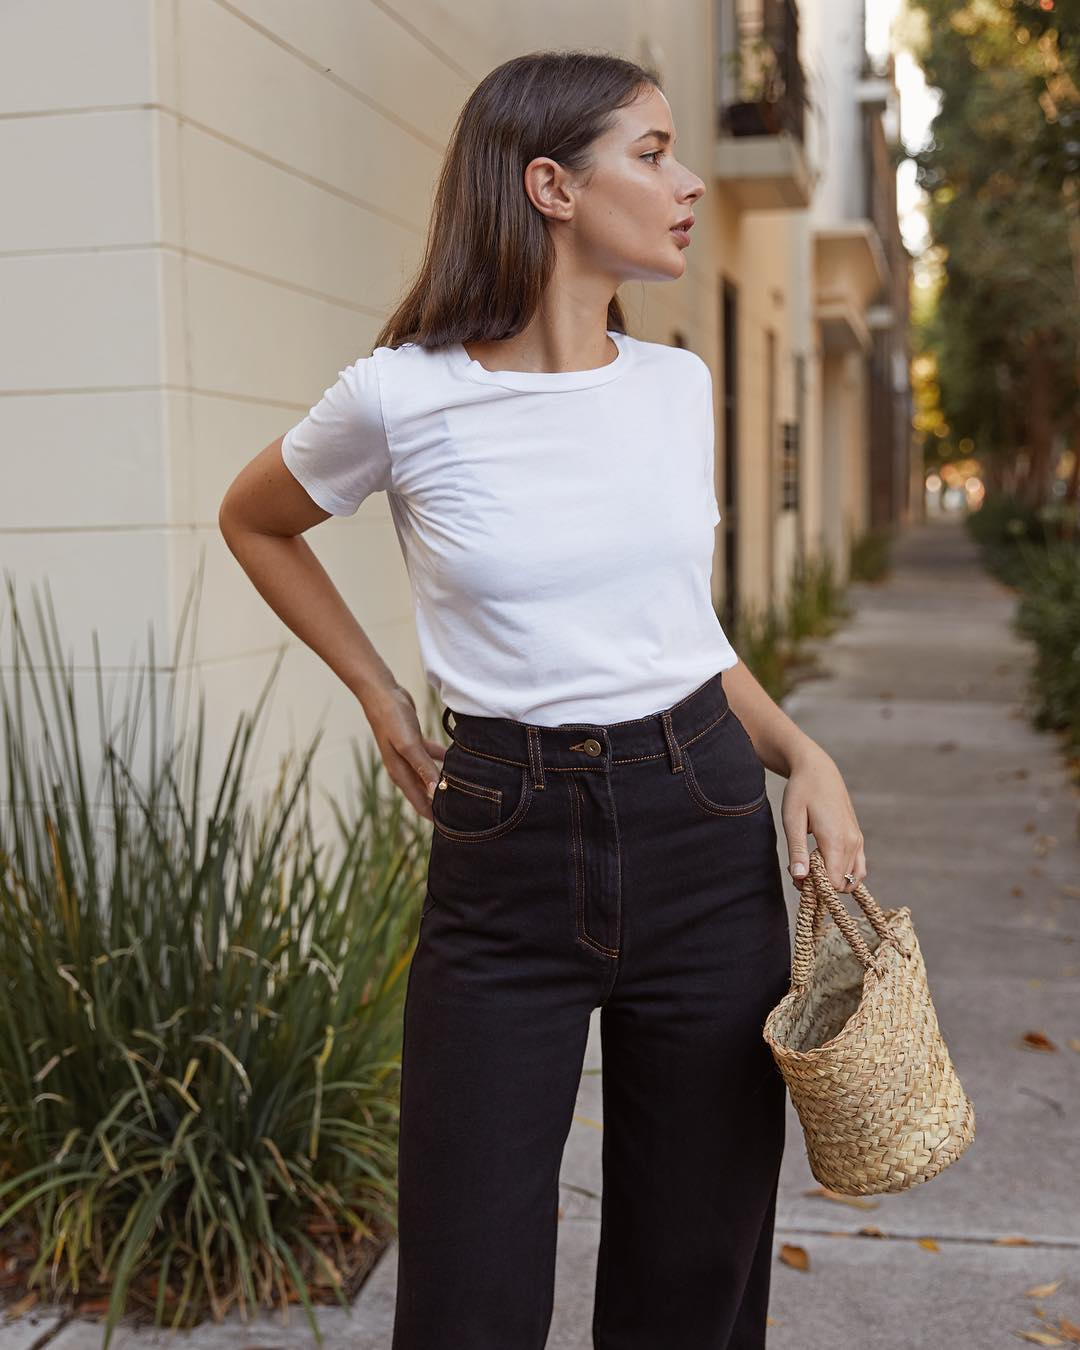 phong cách tối giản - sara crampton mặc áo thun trắng